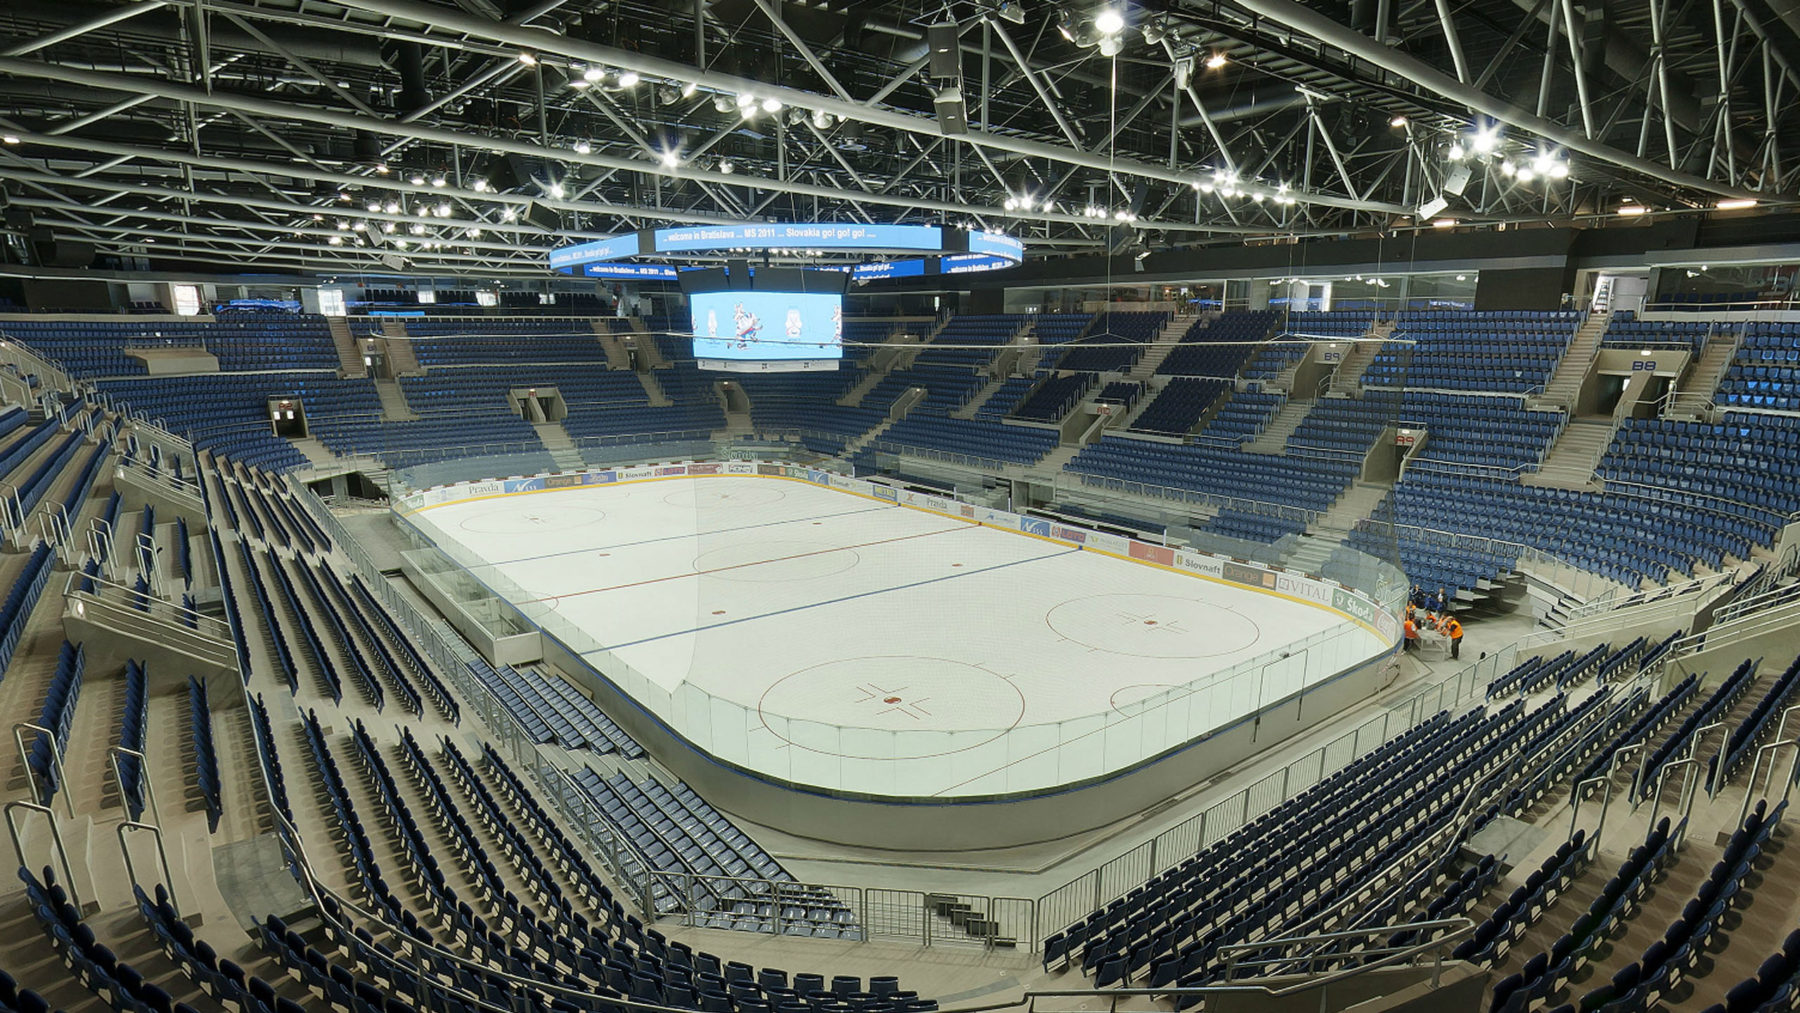 mistrzostwa świata w hokeju 2019